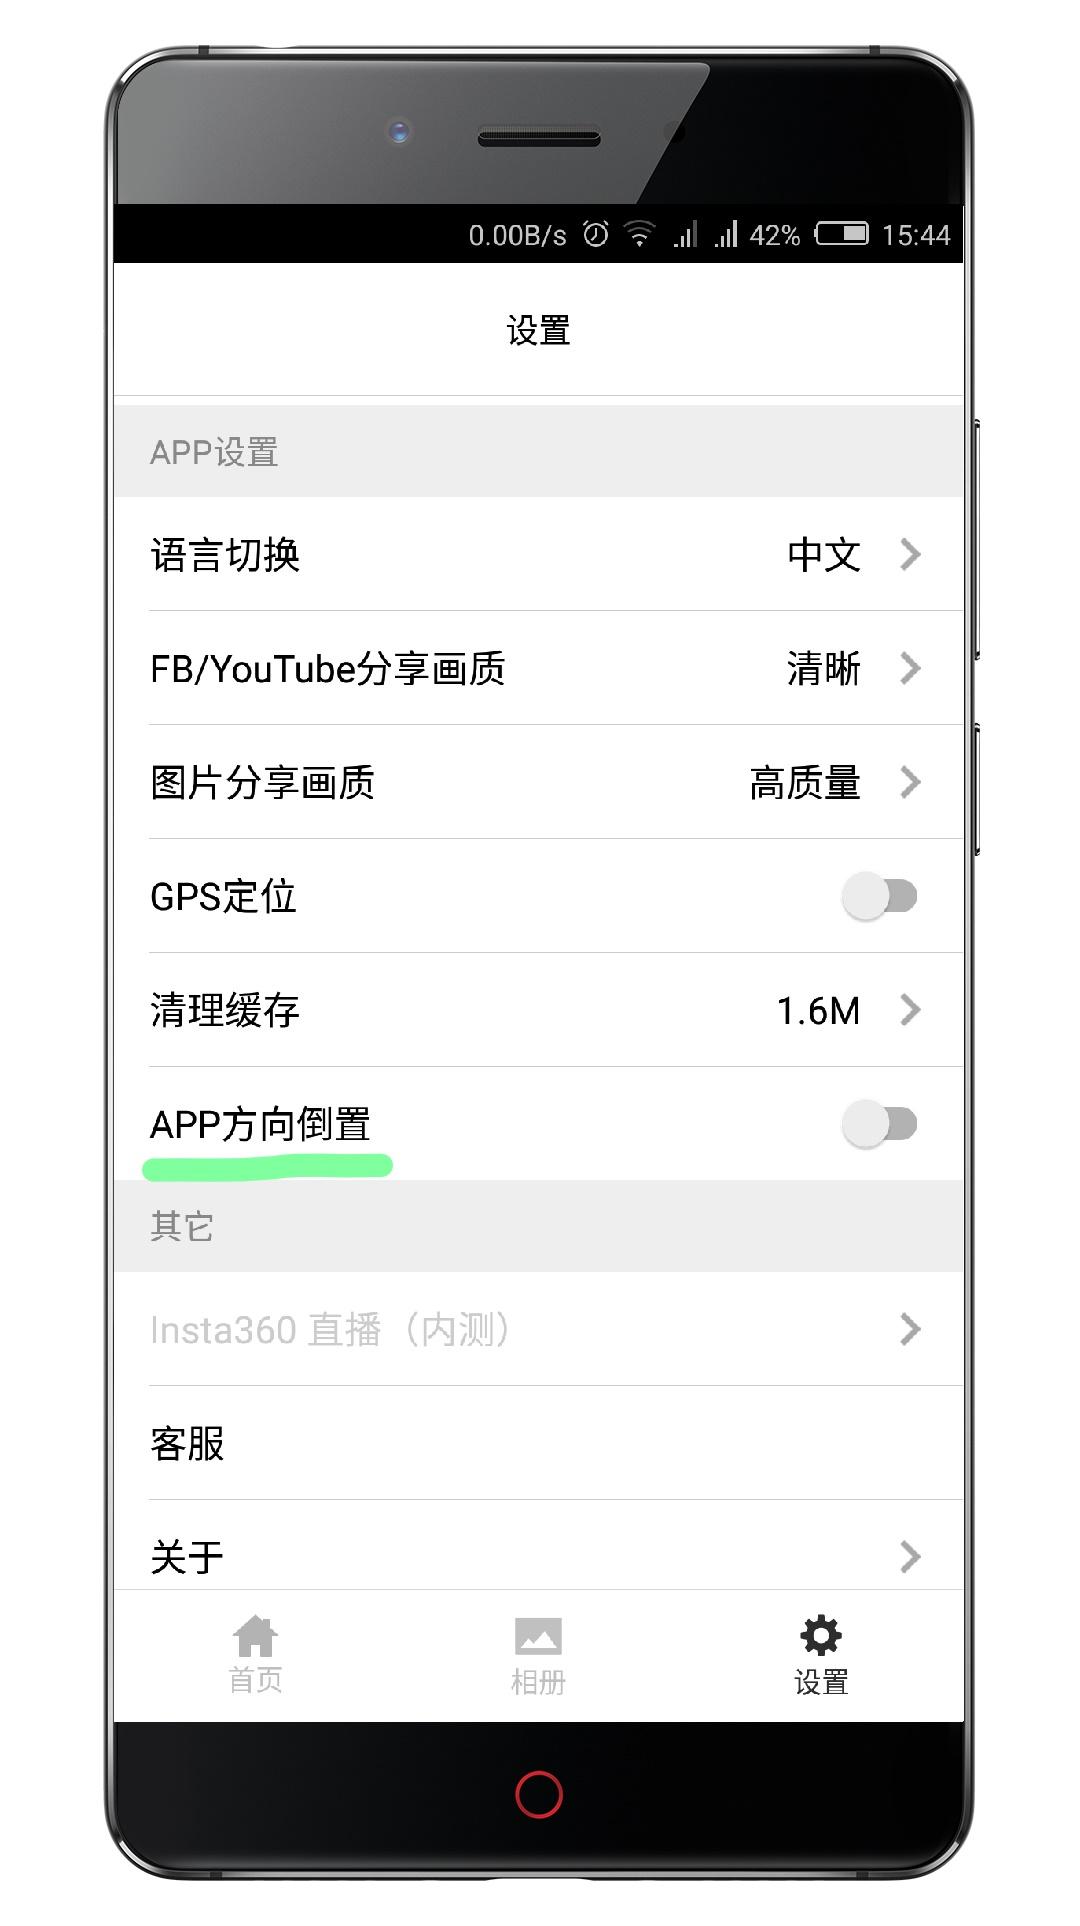 InkedScreenshot_2017-07-28-15-44-56_LI.jpg